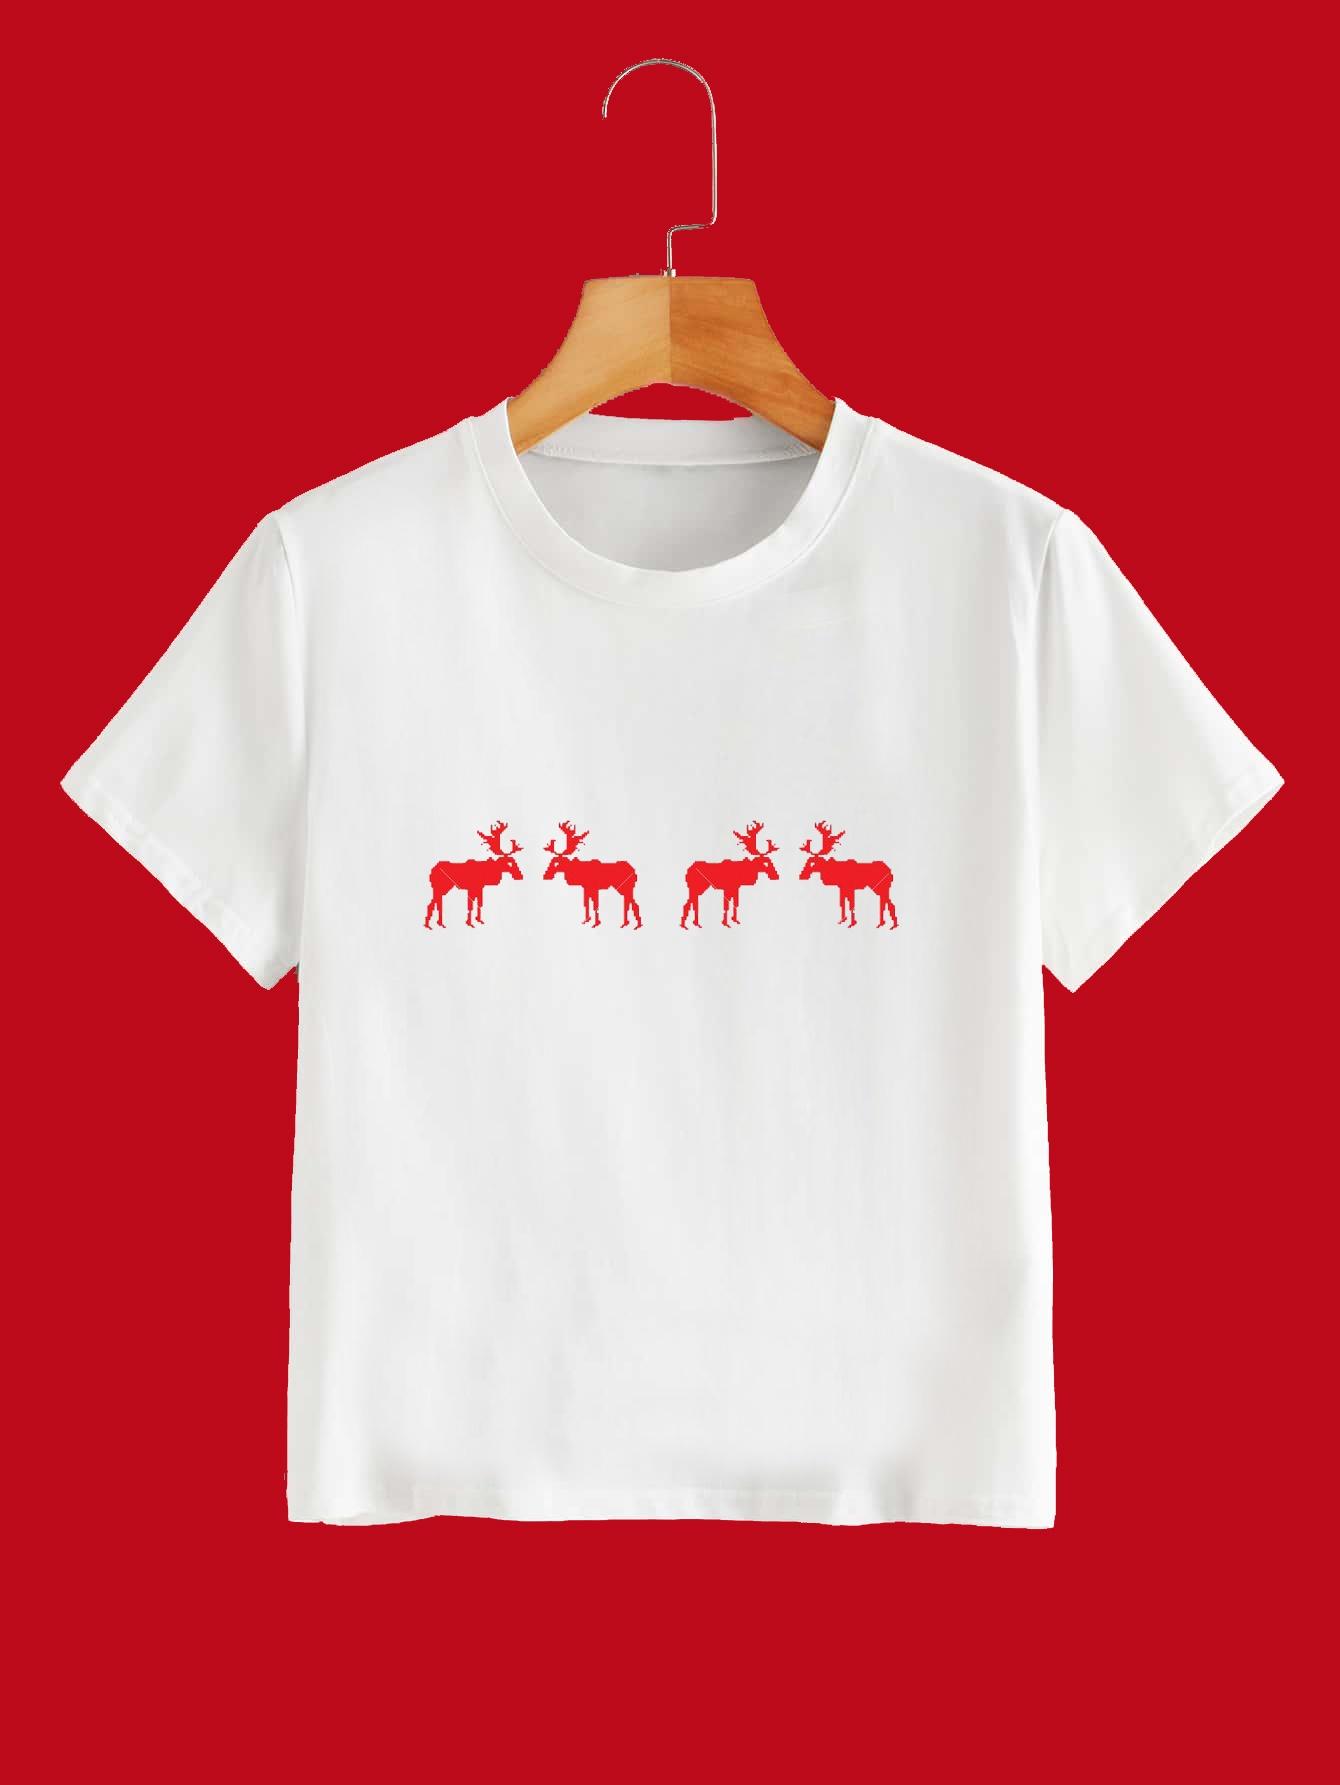 Reindeer Tee Kind Shop